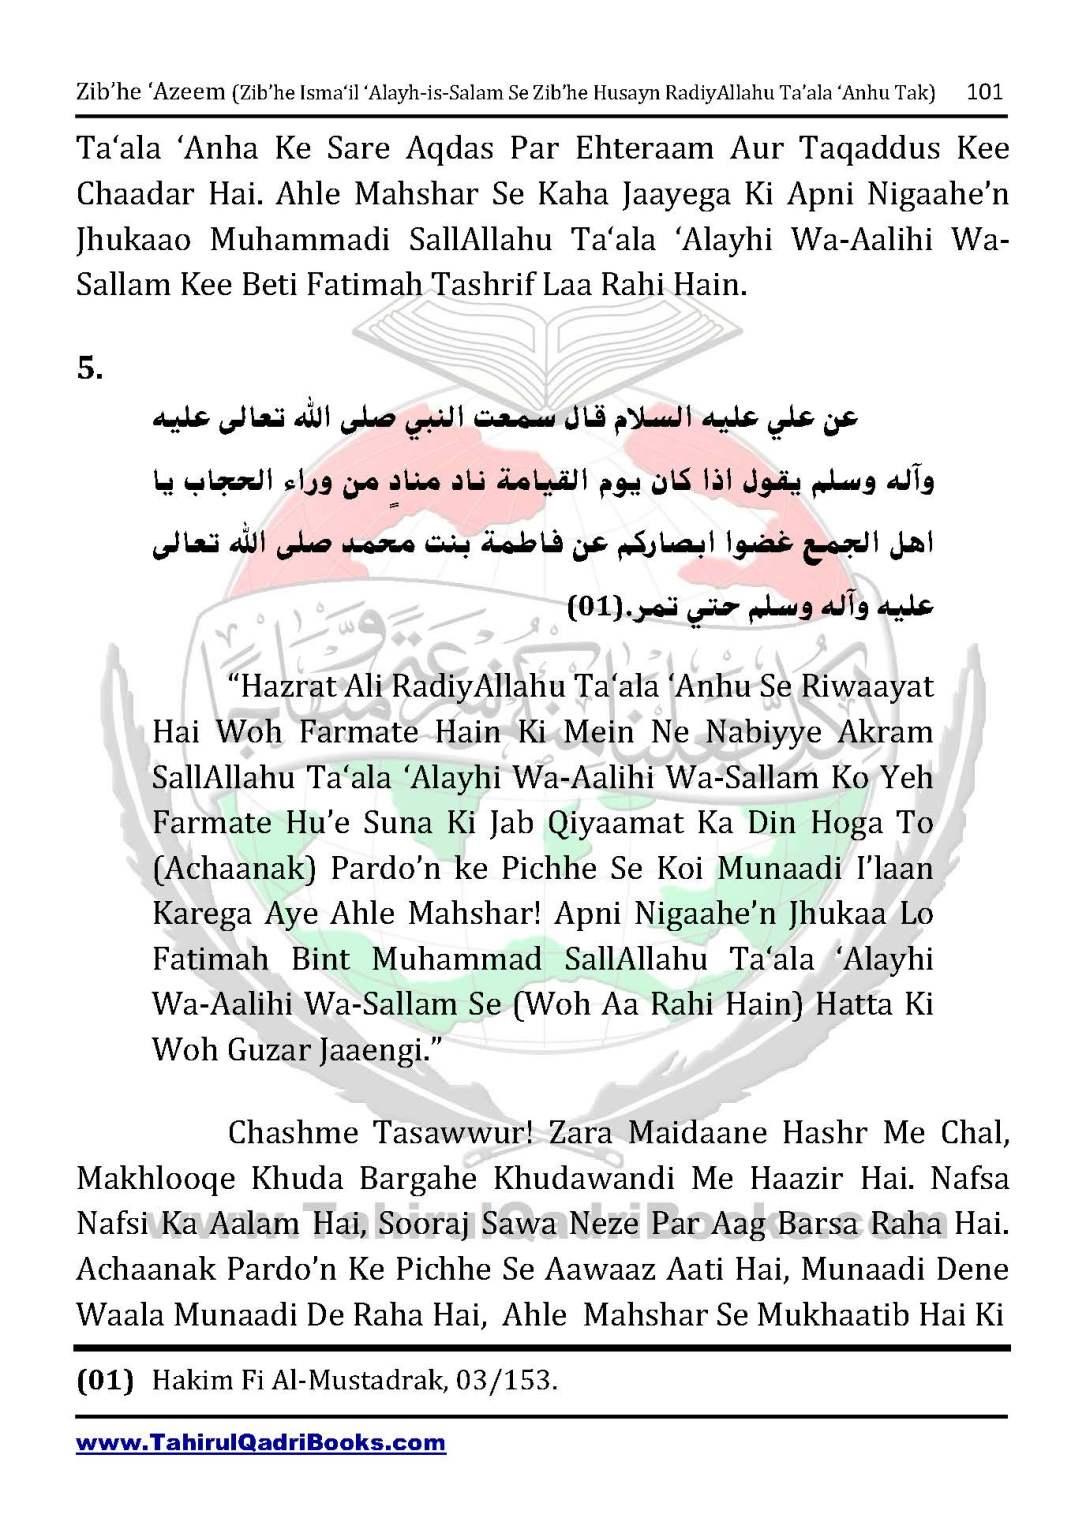 zib_he-e28098azeem-zib_he-ismacabbil-se-zib_he-husayn-tak-in-roman-urdu-unlocked_Page_101